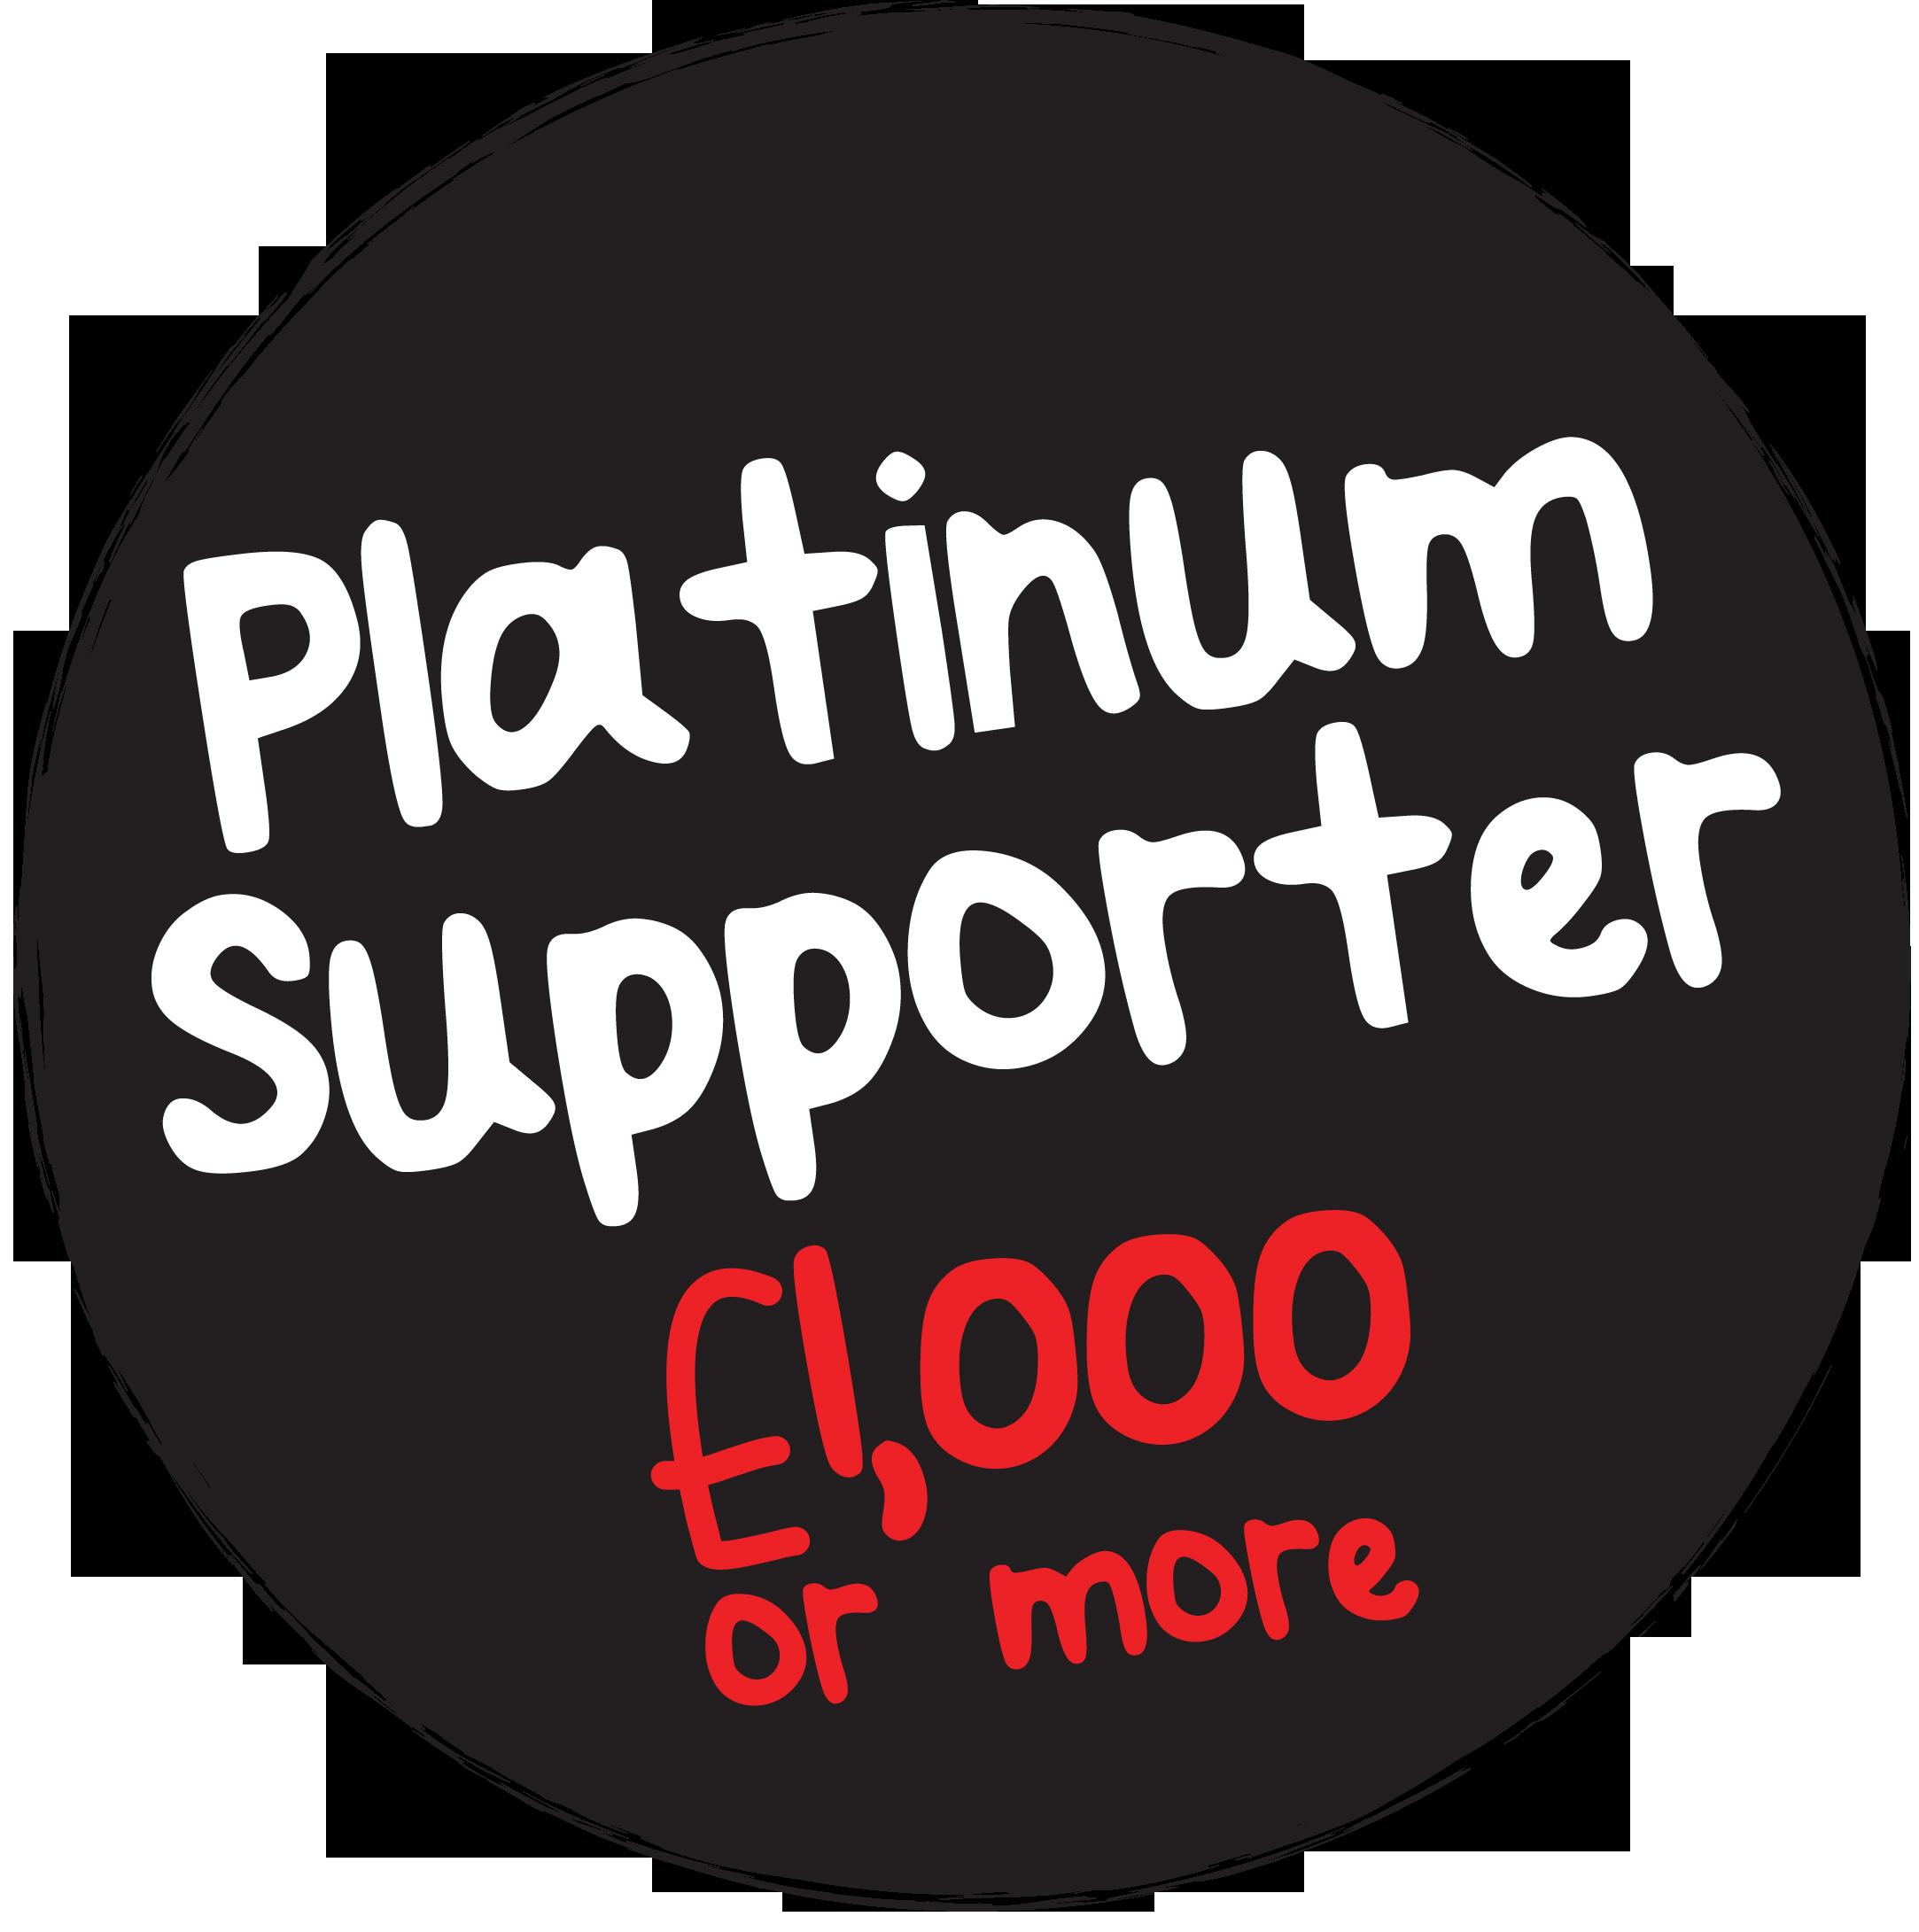 Platinum Supporter